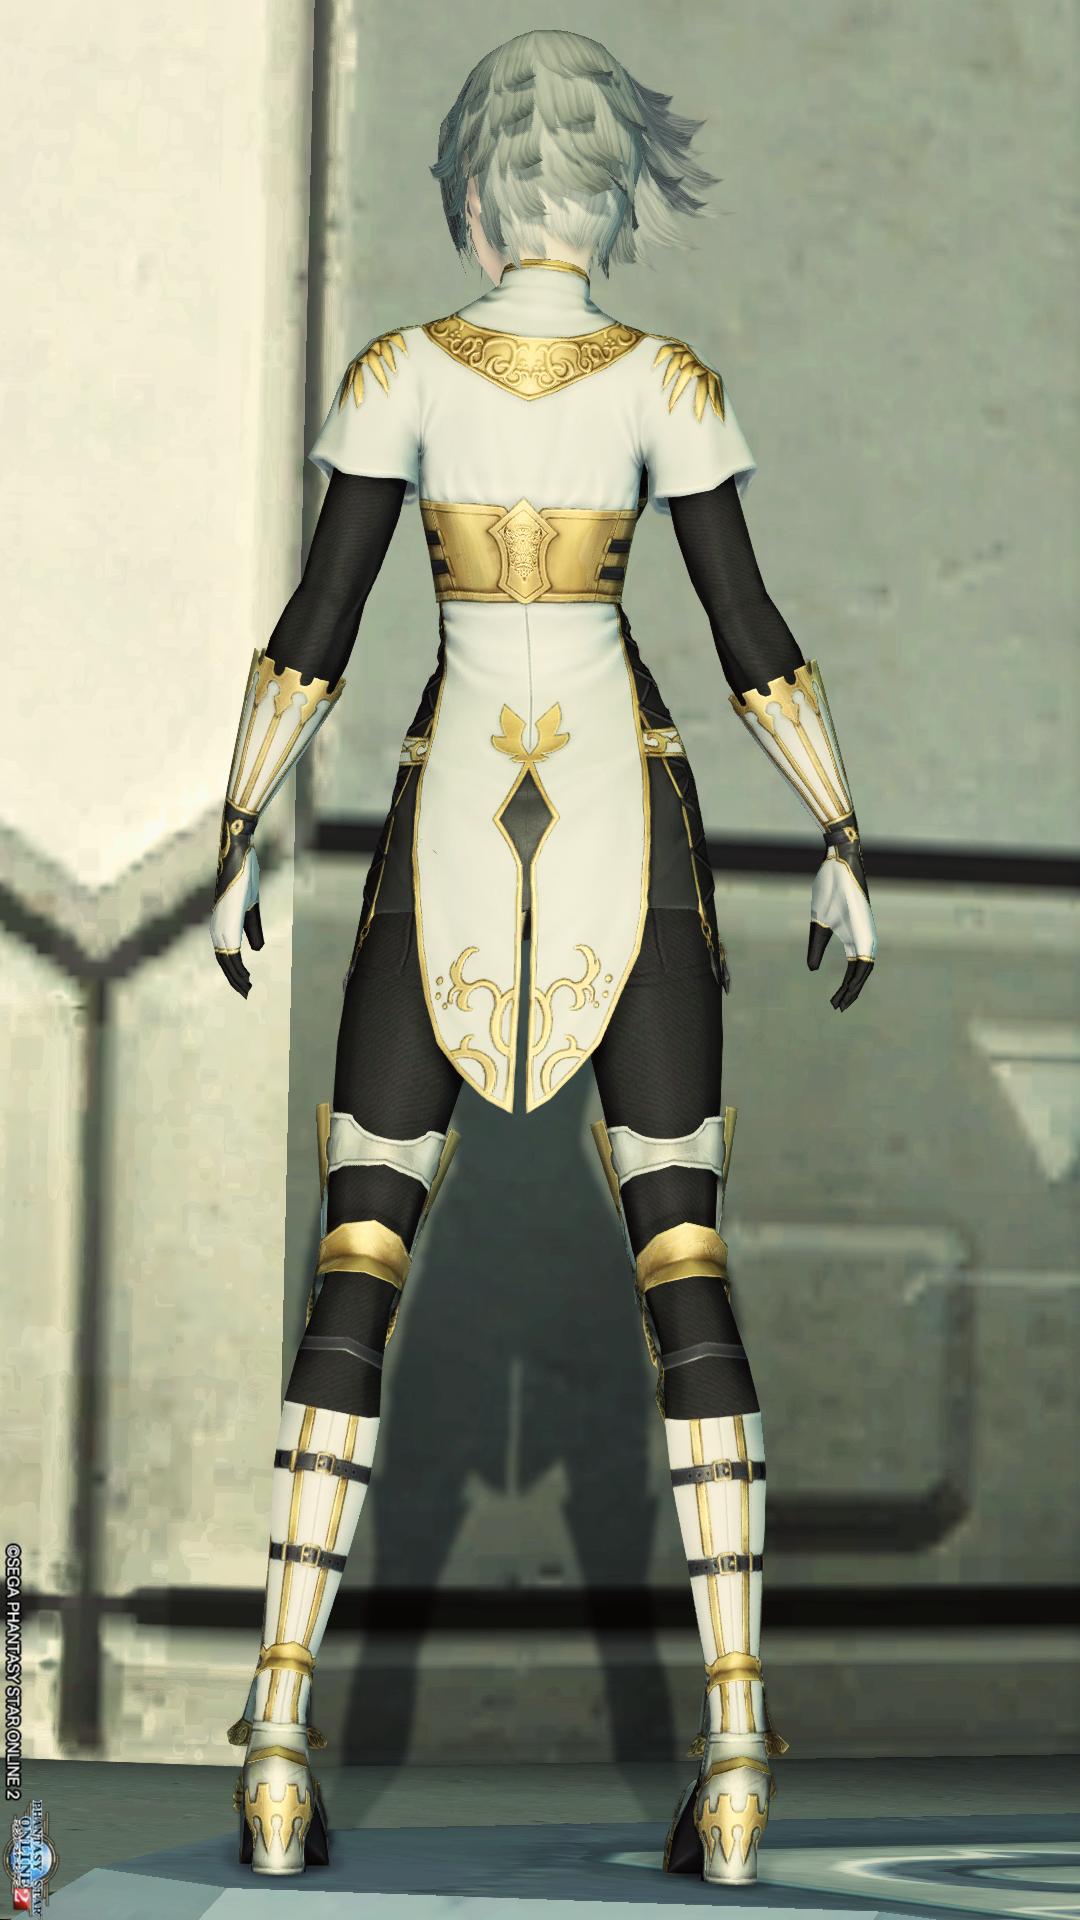 アリサの戦装束[Ba] 後ろ